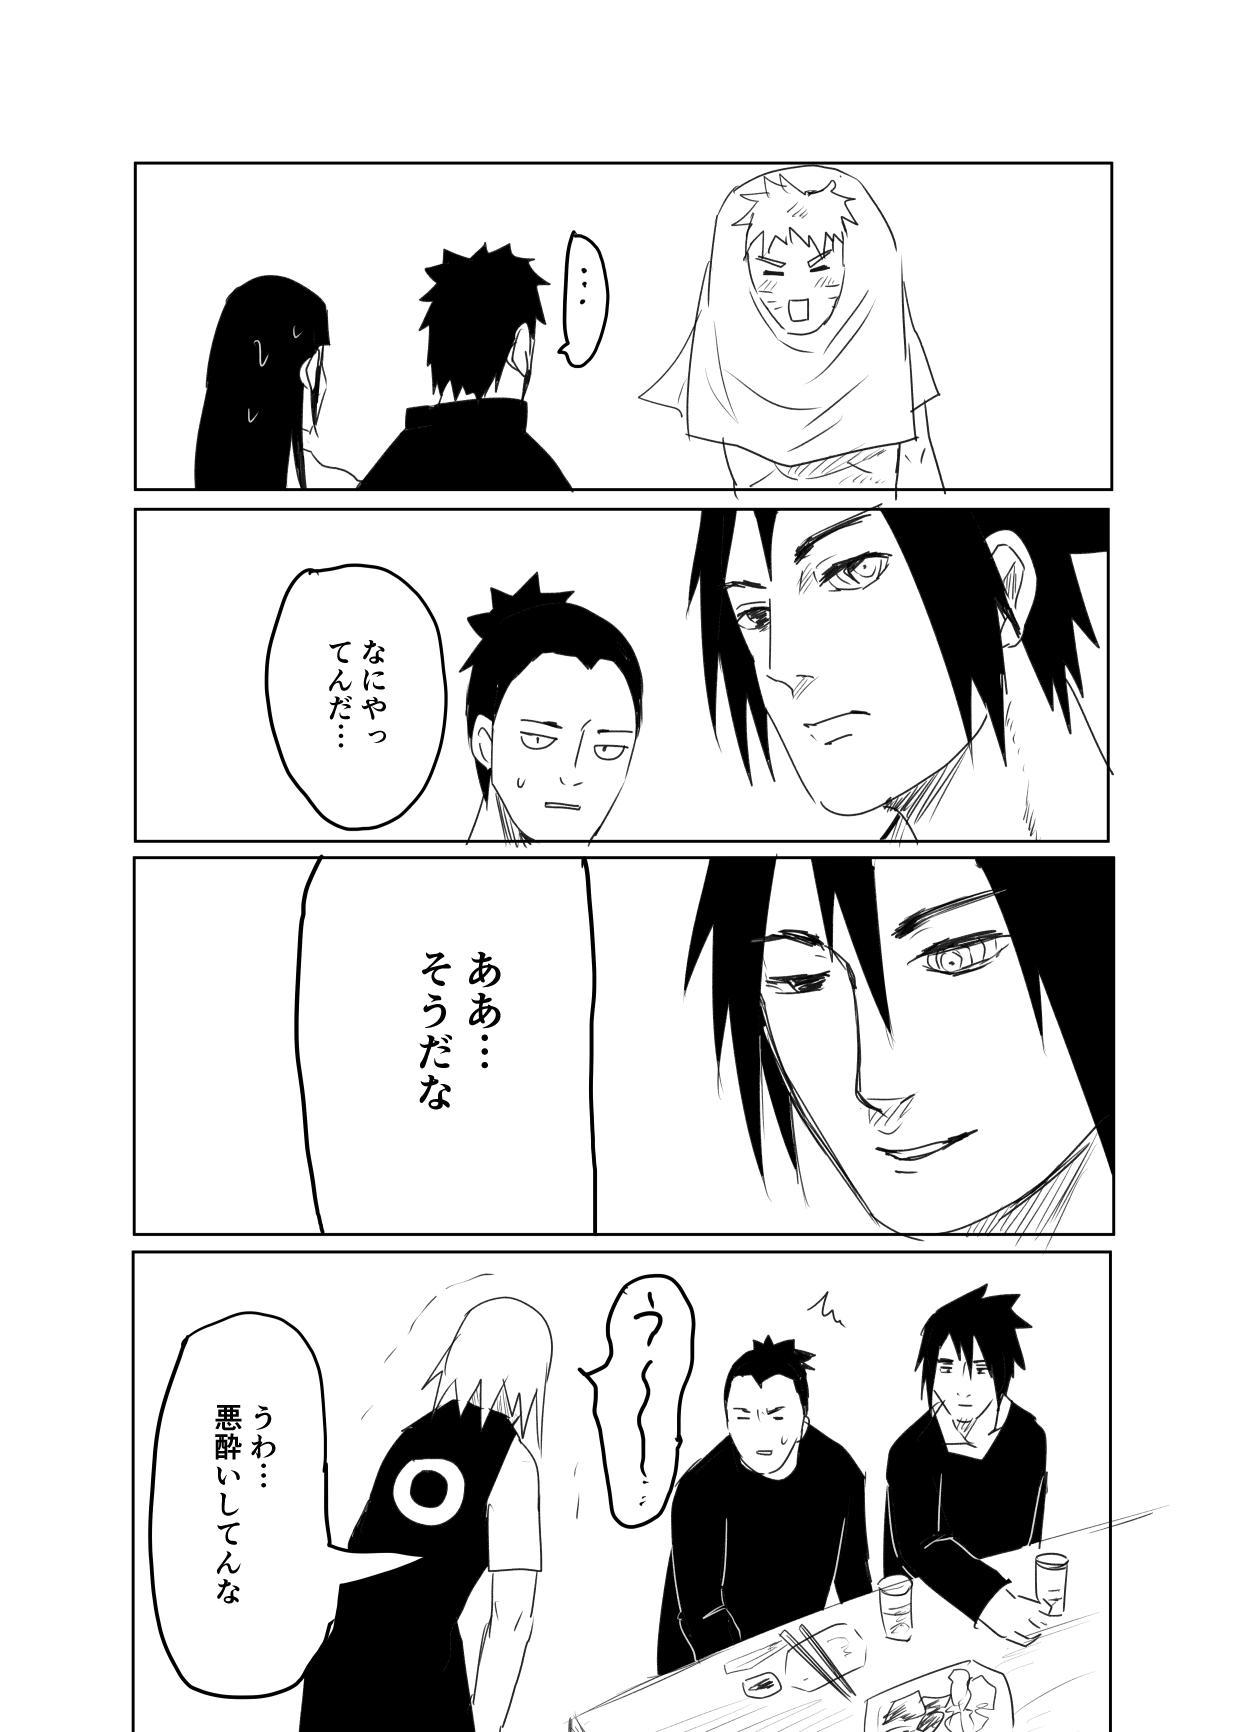 嘘告白漫画 9